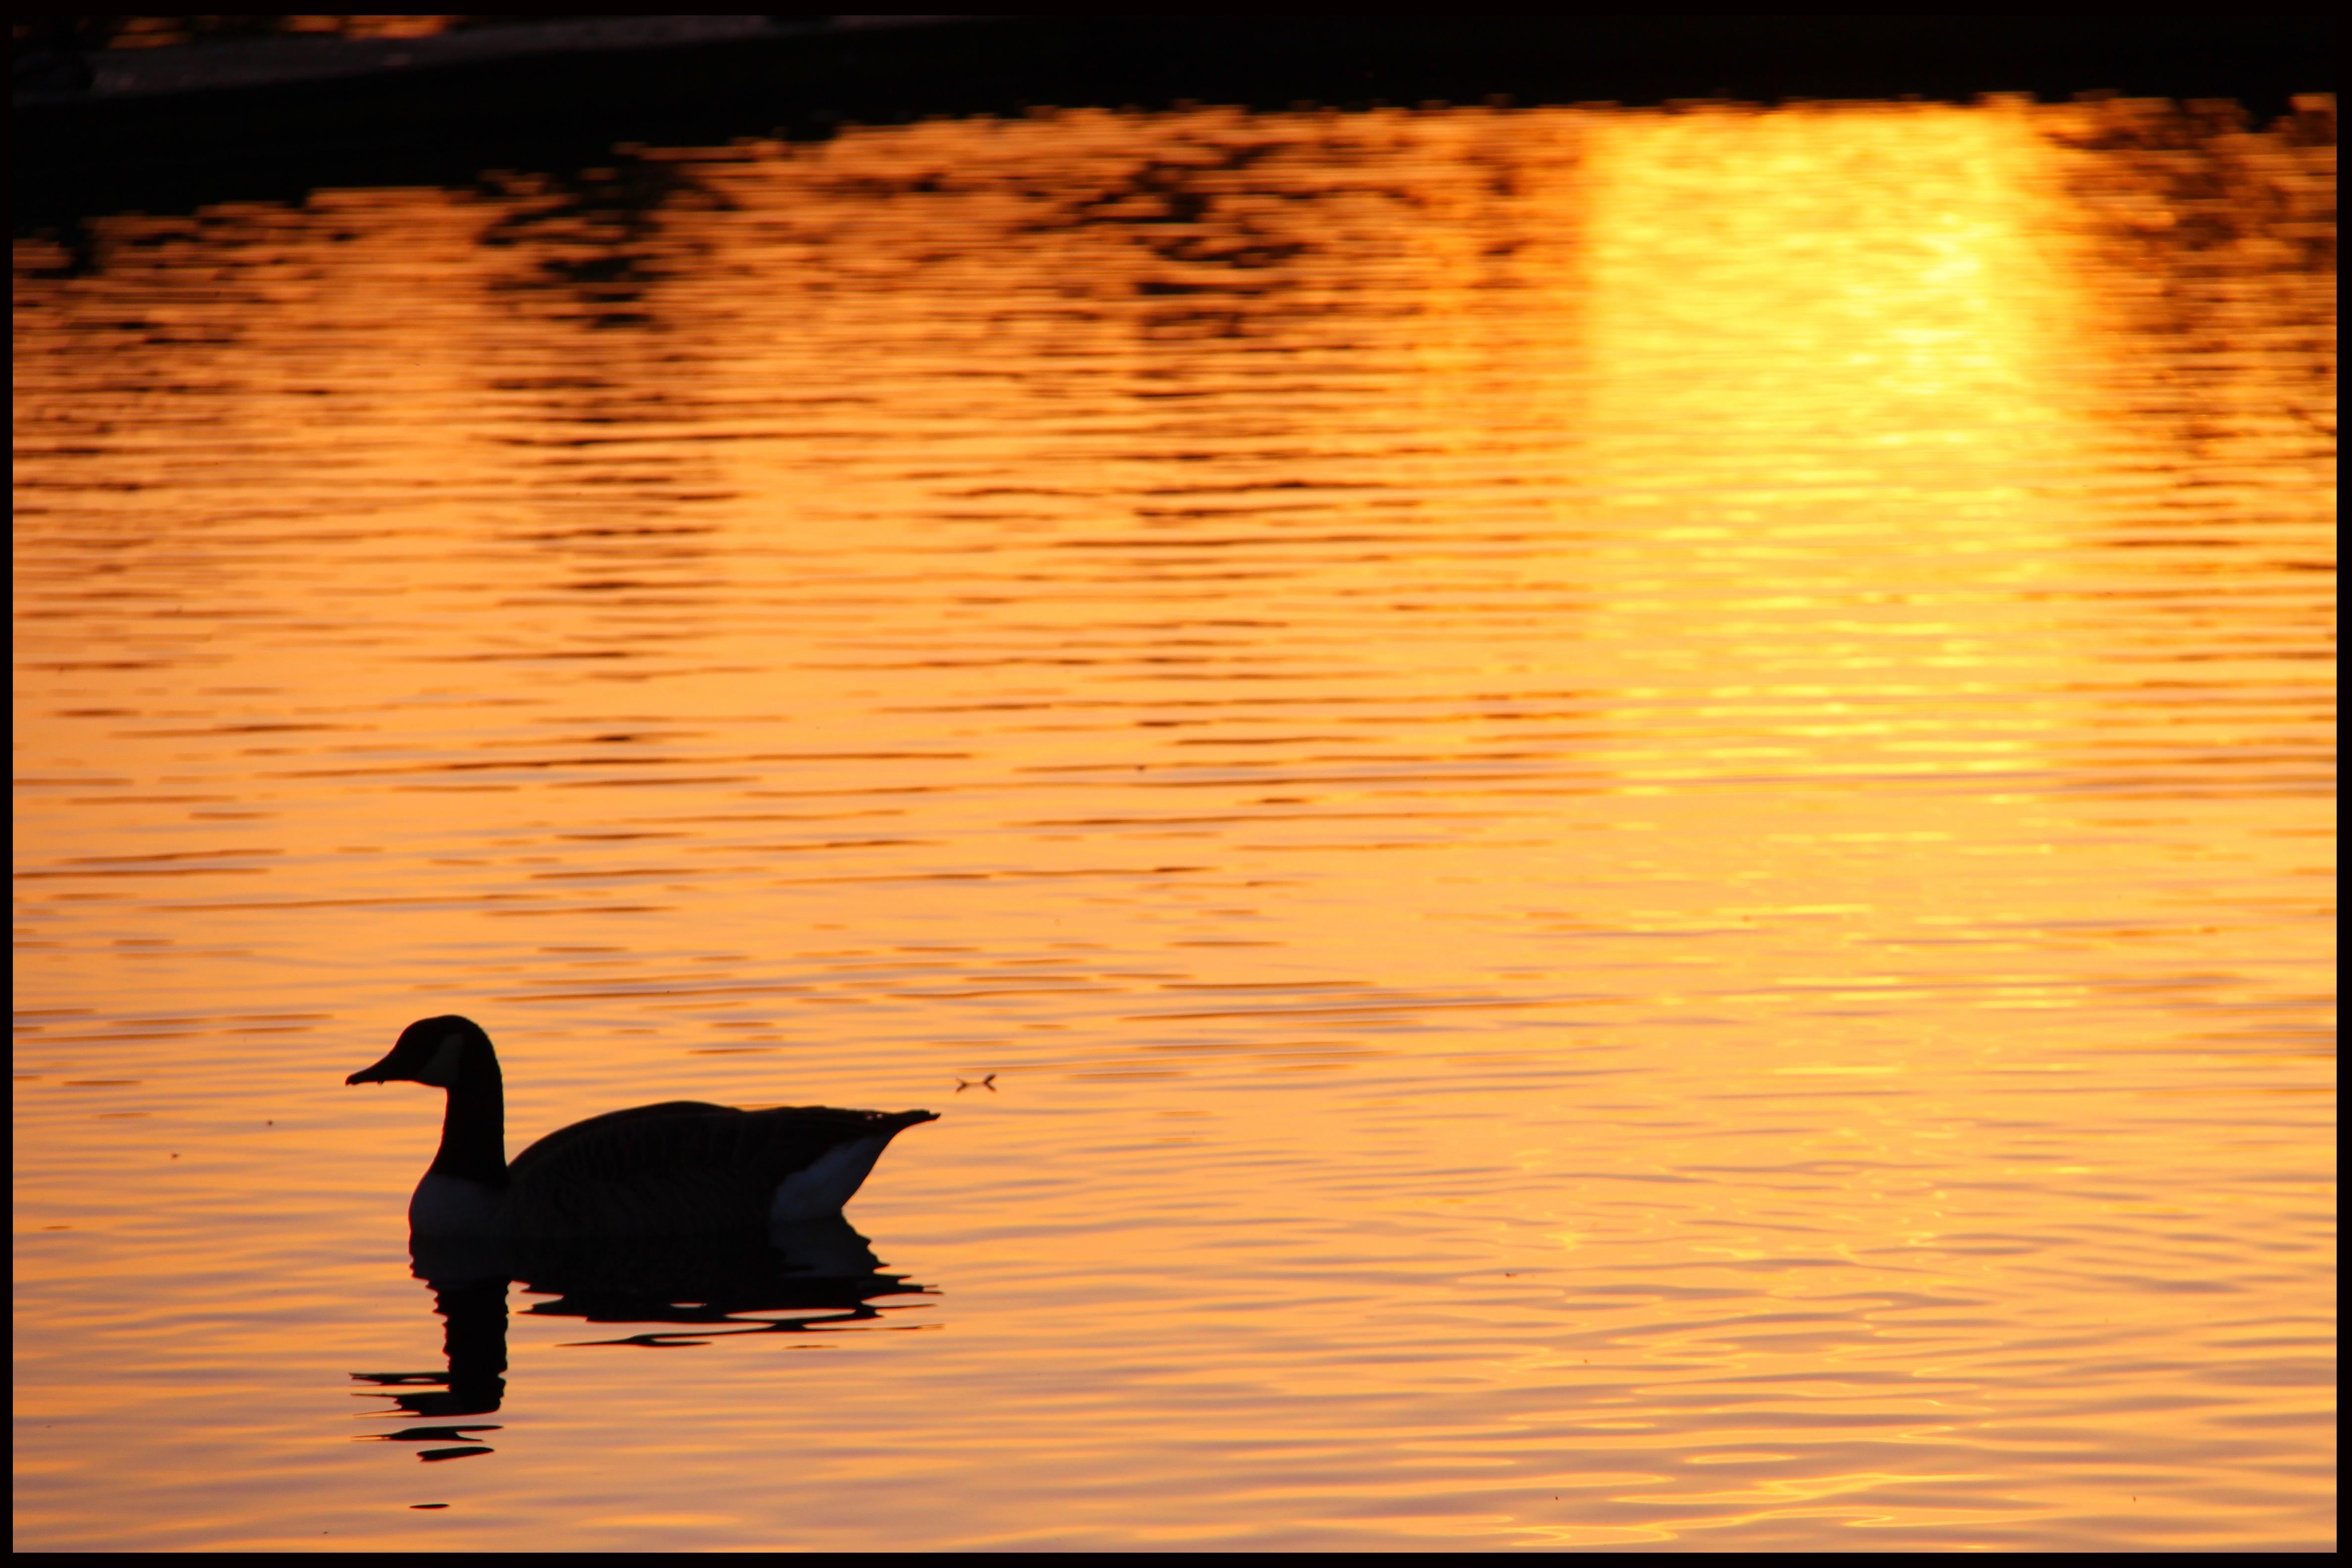 Danson Lake